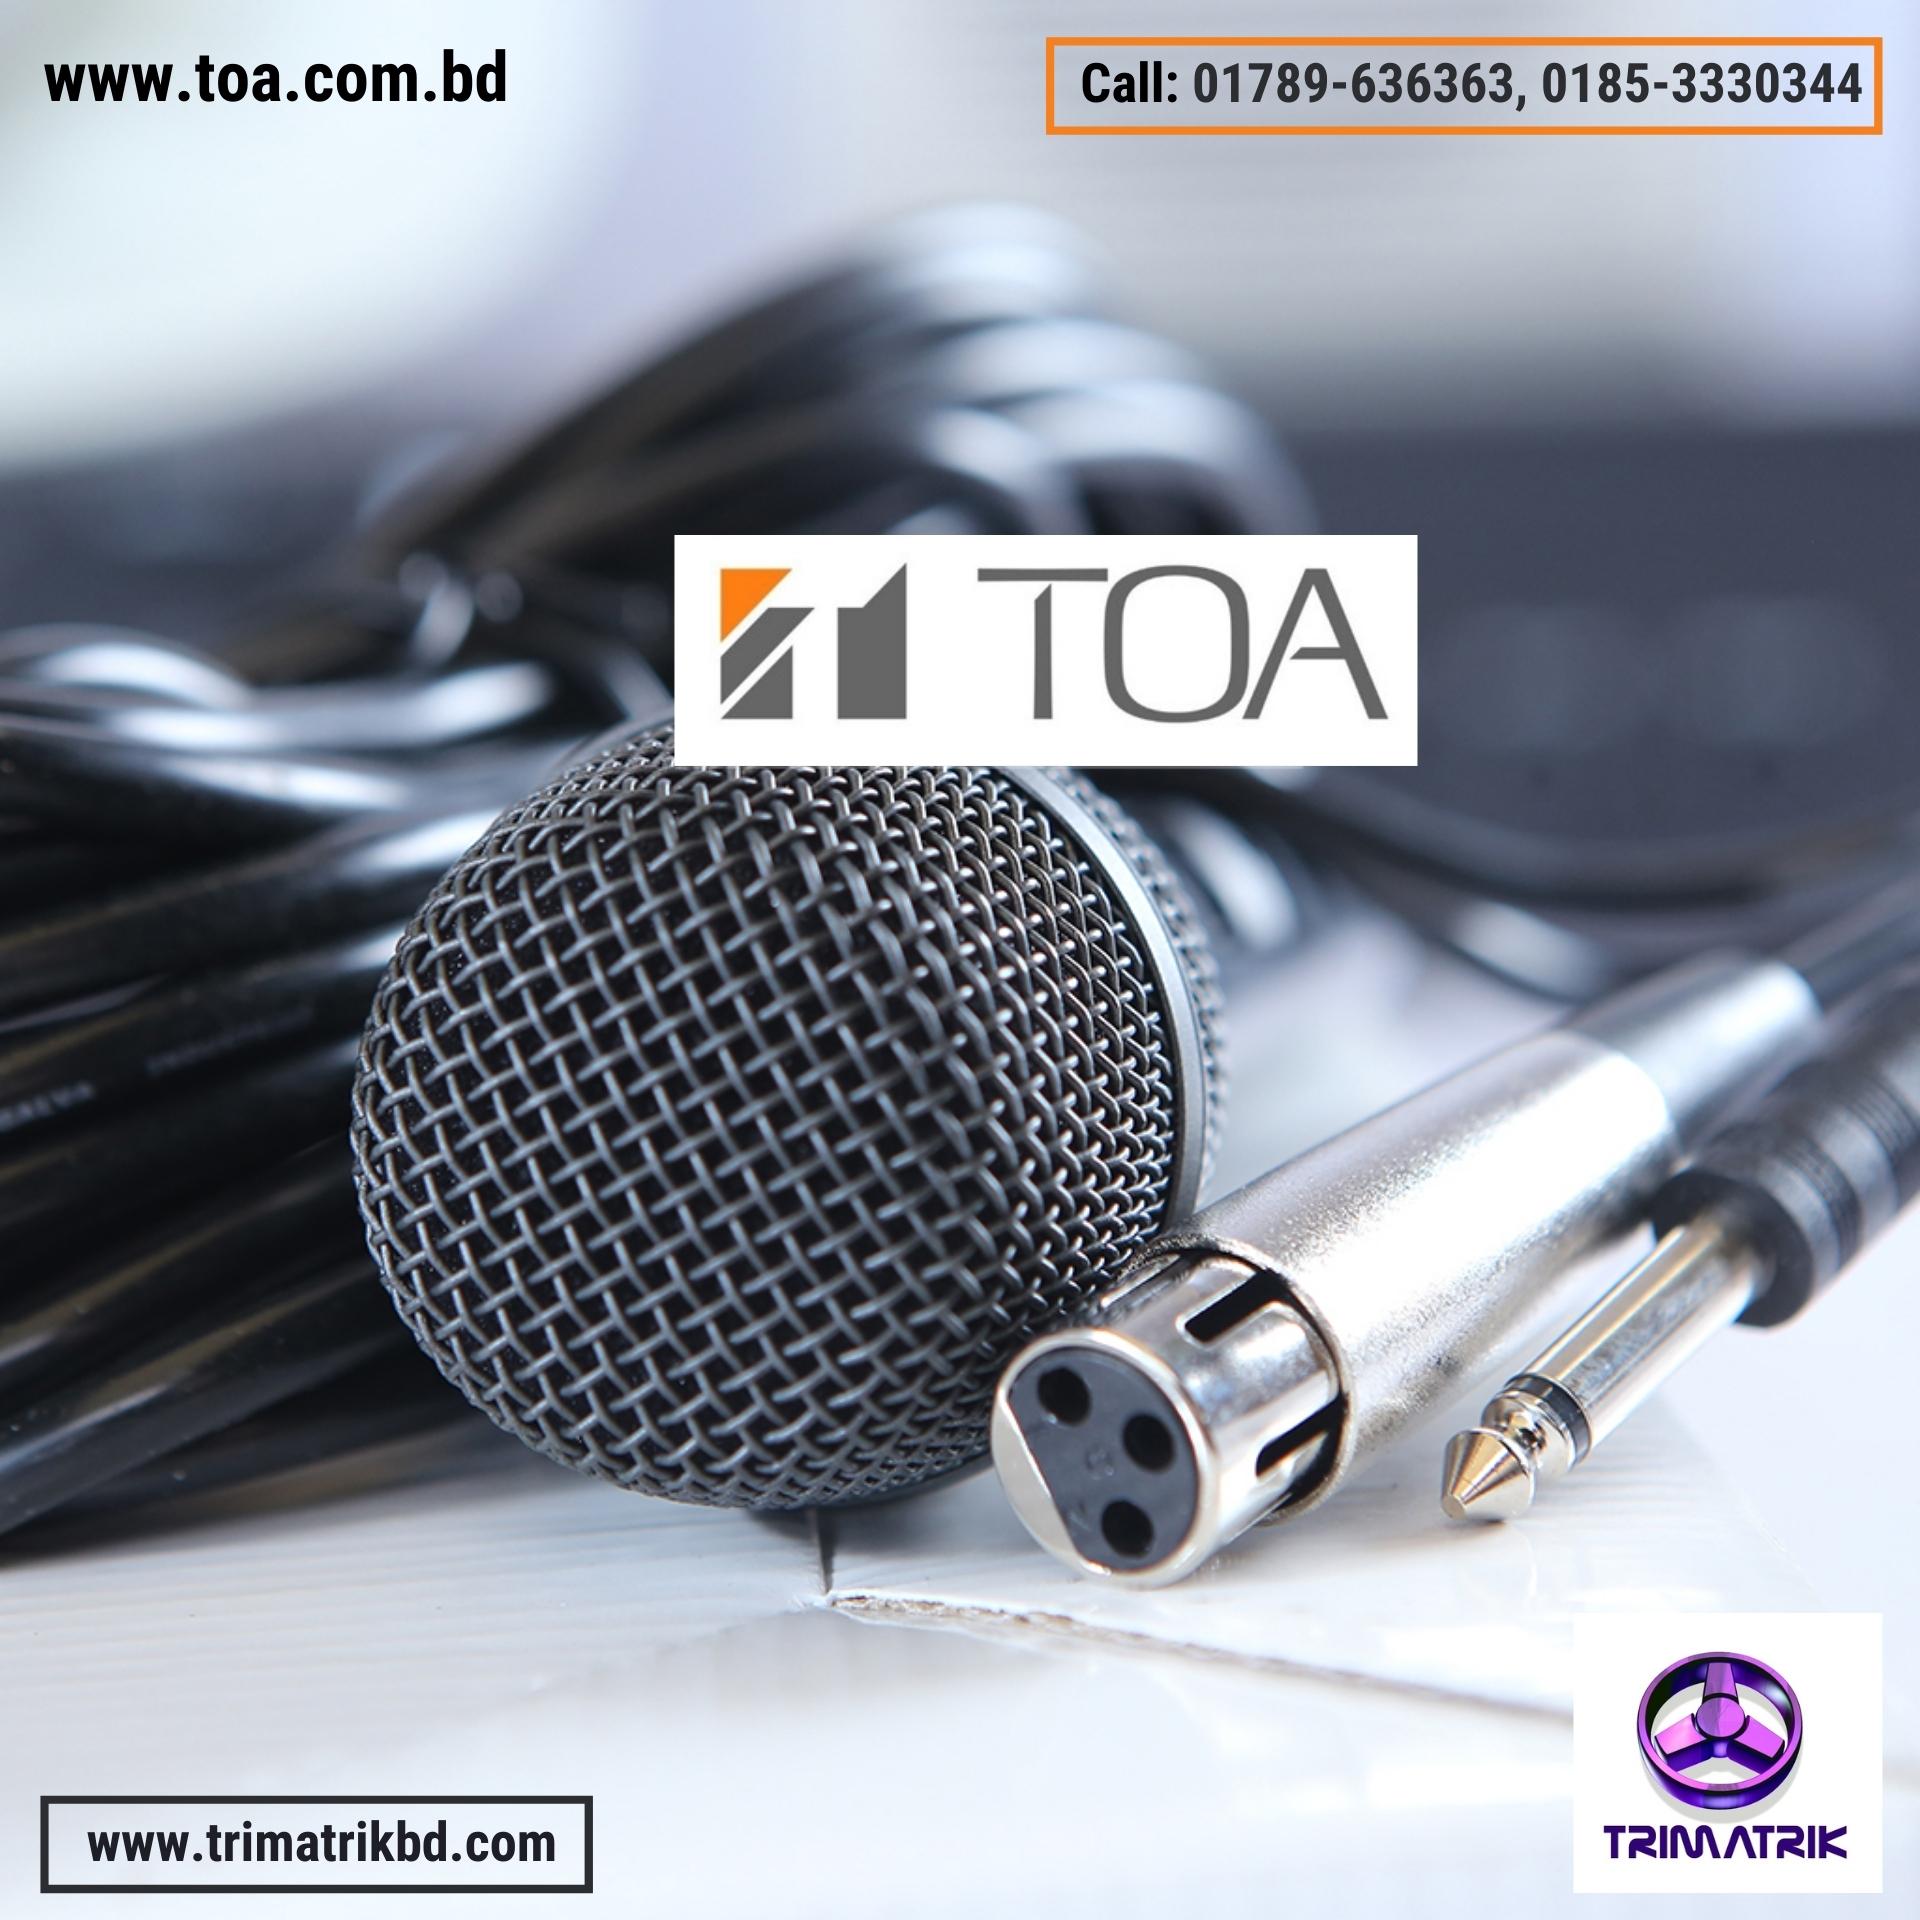 TOA DM-520 Dynamic Microphone